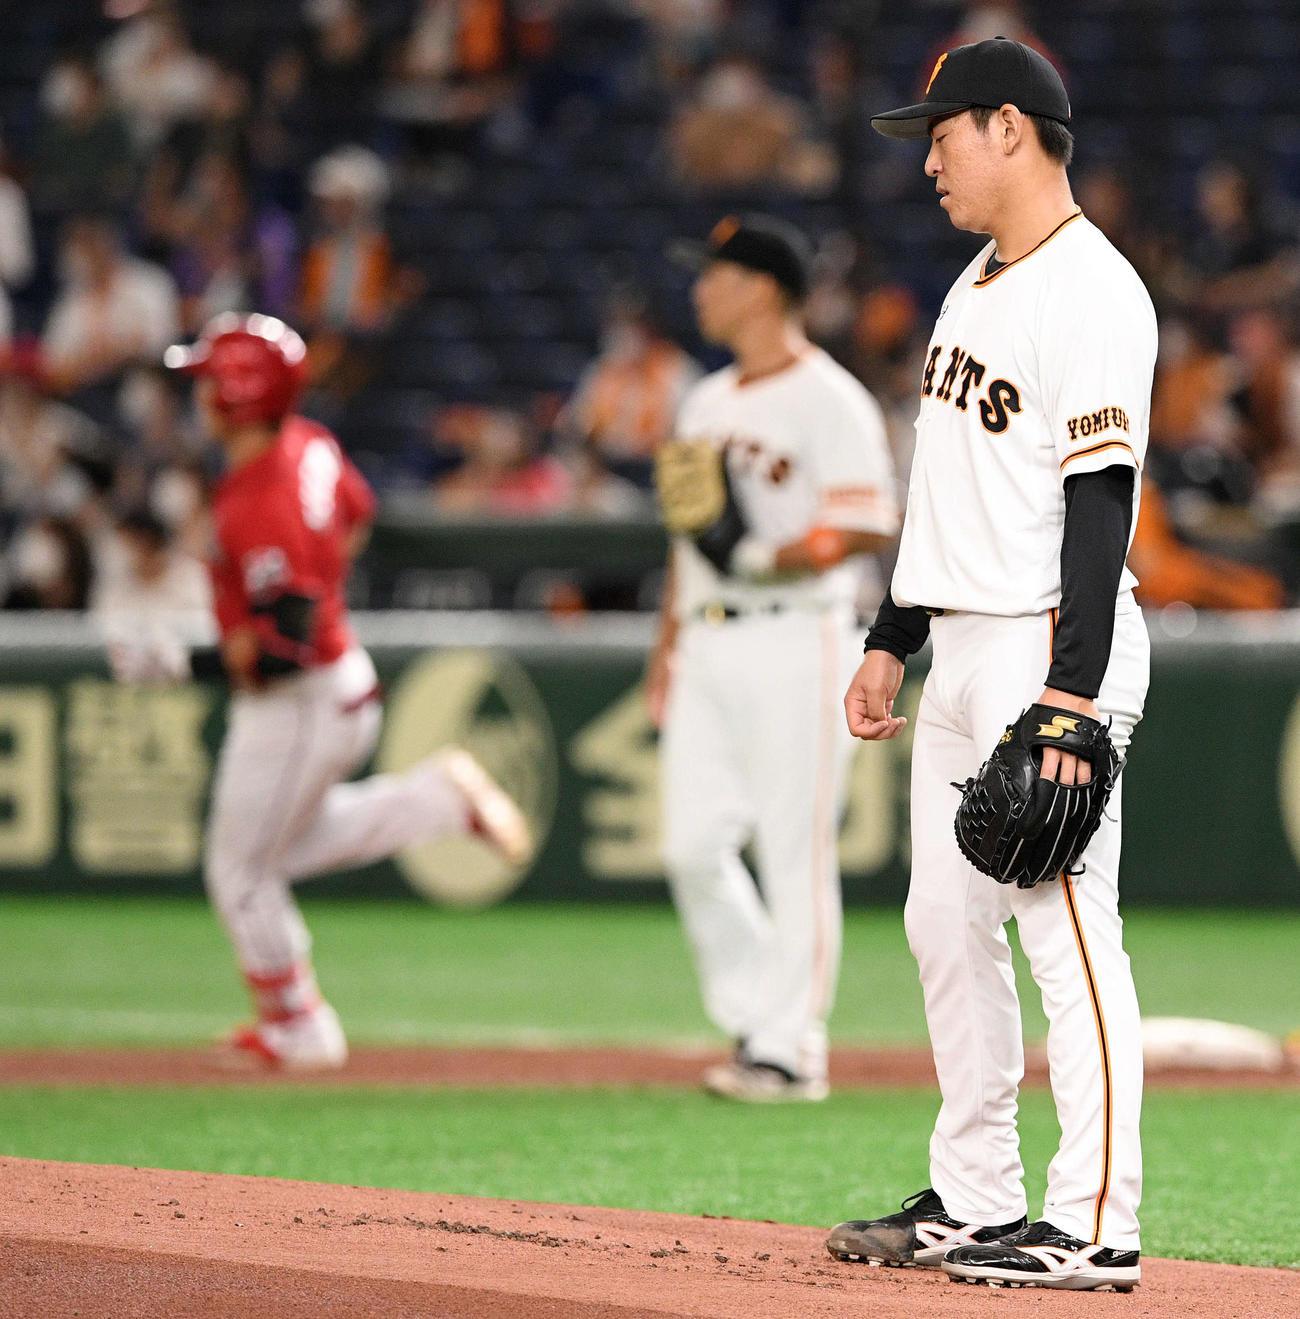 巨人対広島 1回表広島2死一塁、鈴木誠(奥左)に先制の2点本塁打を浴び肩を落とす桜井(撮影・滝沢徹郎)